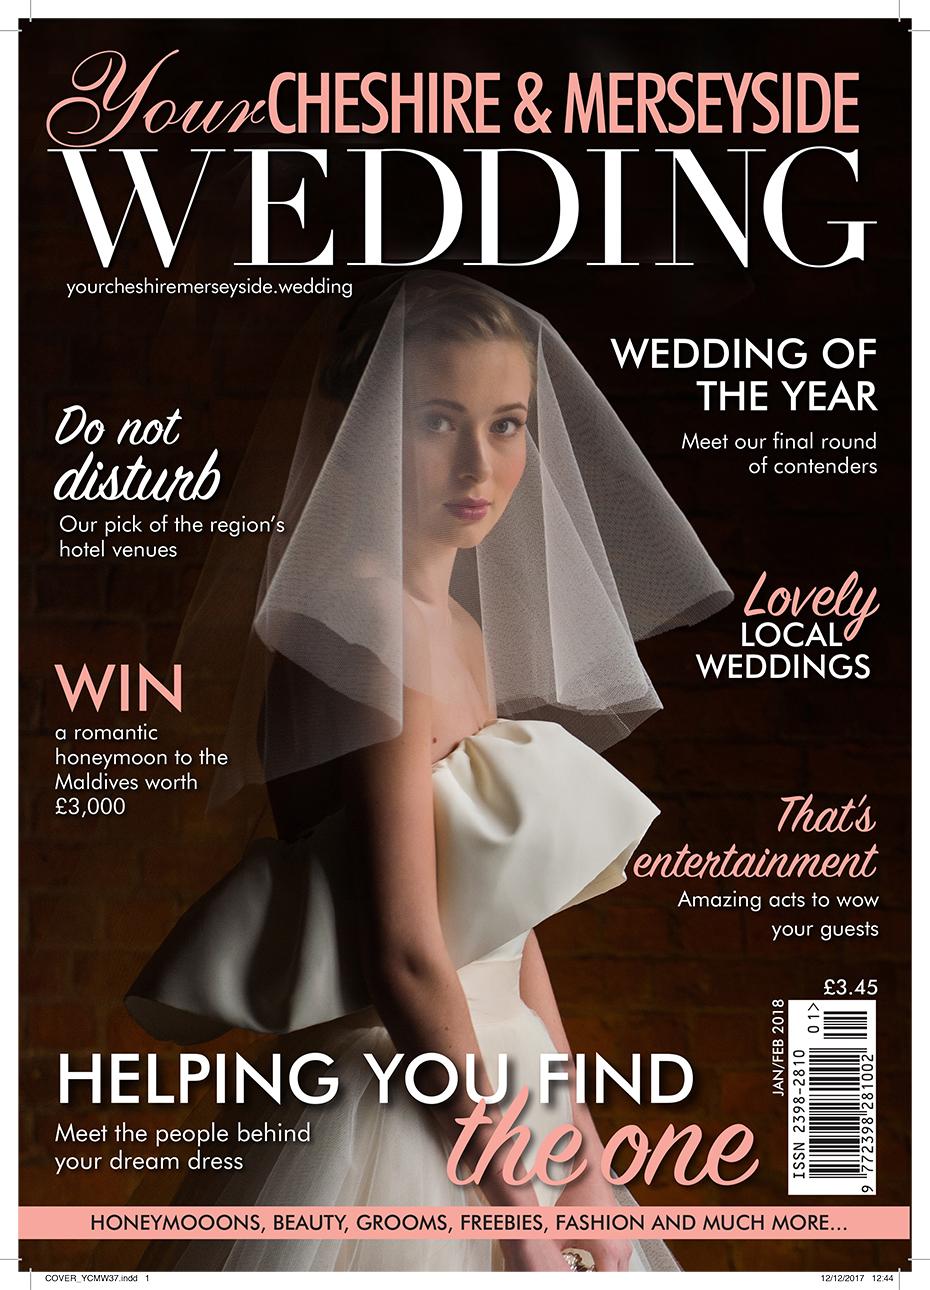 Matthew-Rycraft-Wedding-Magazine